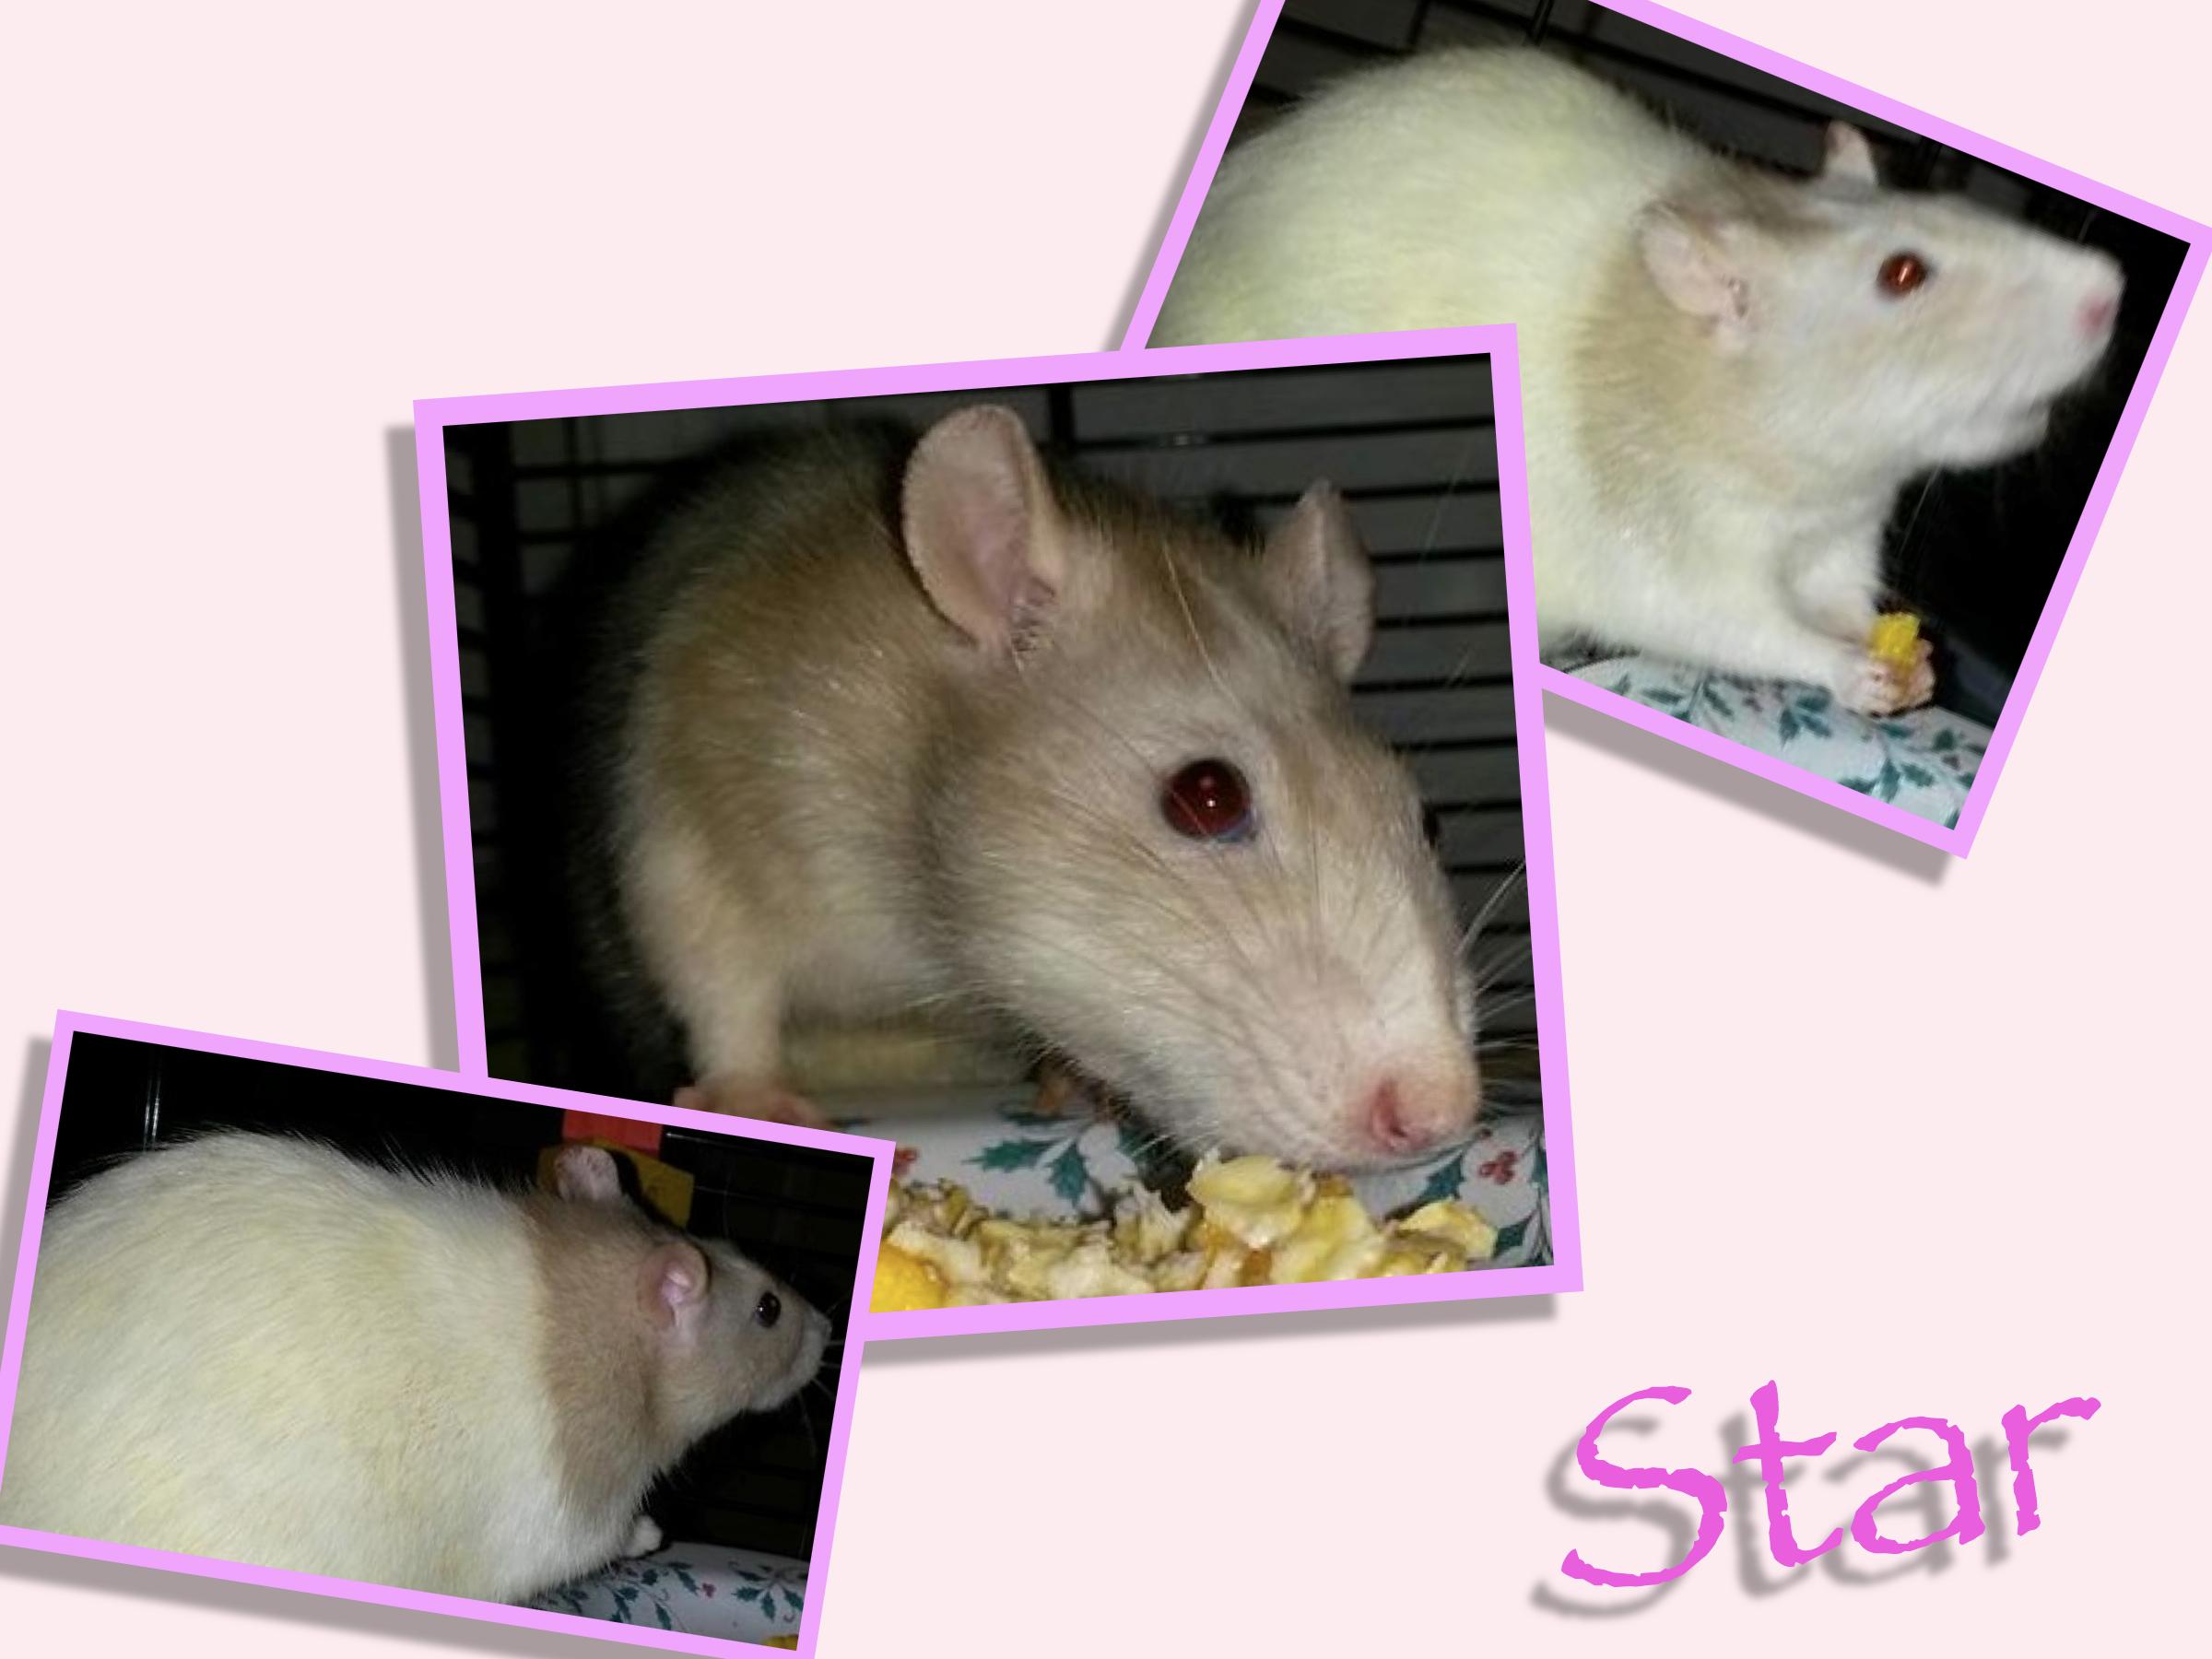 Meet Star!